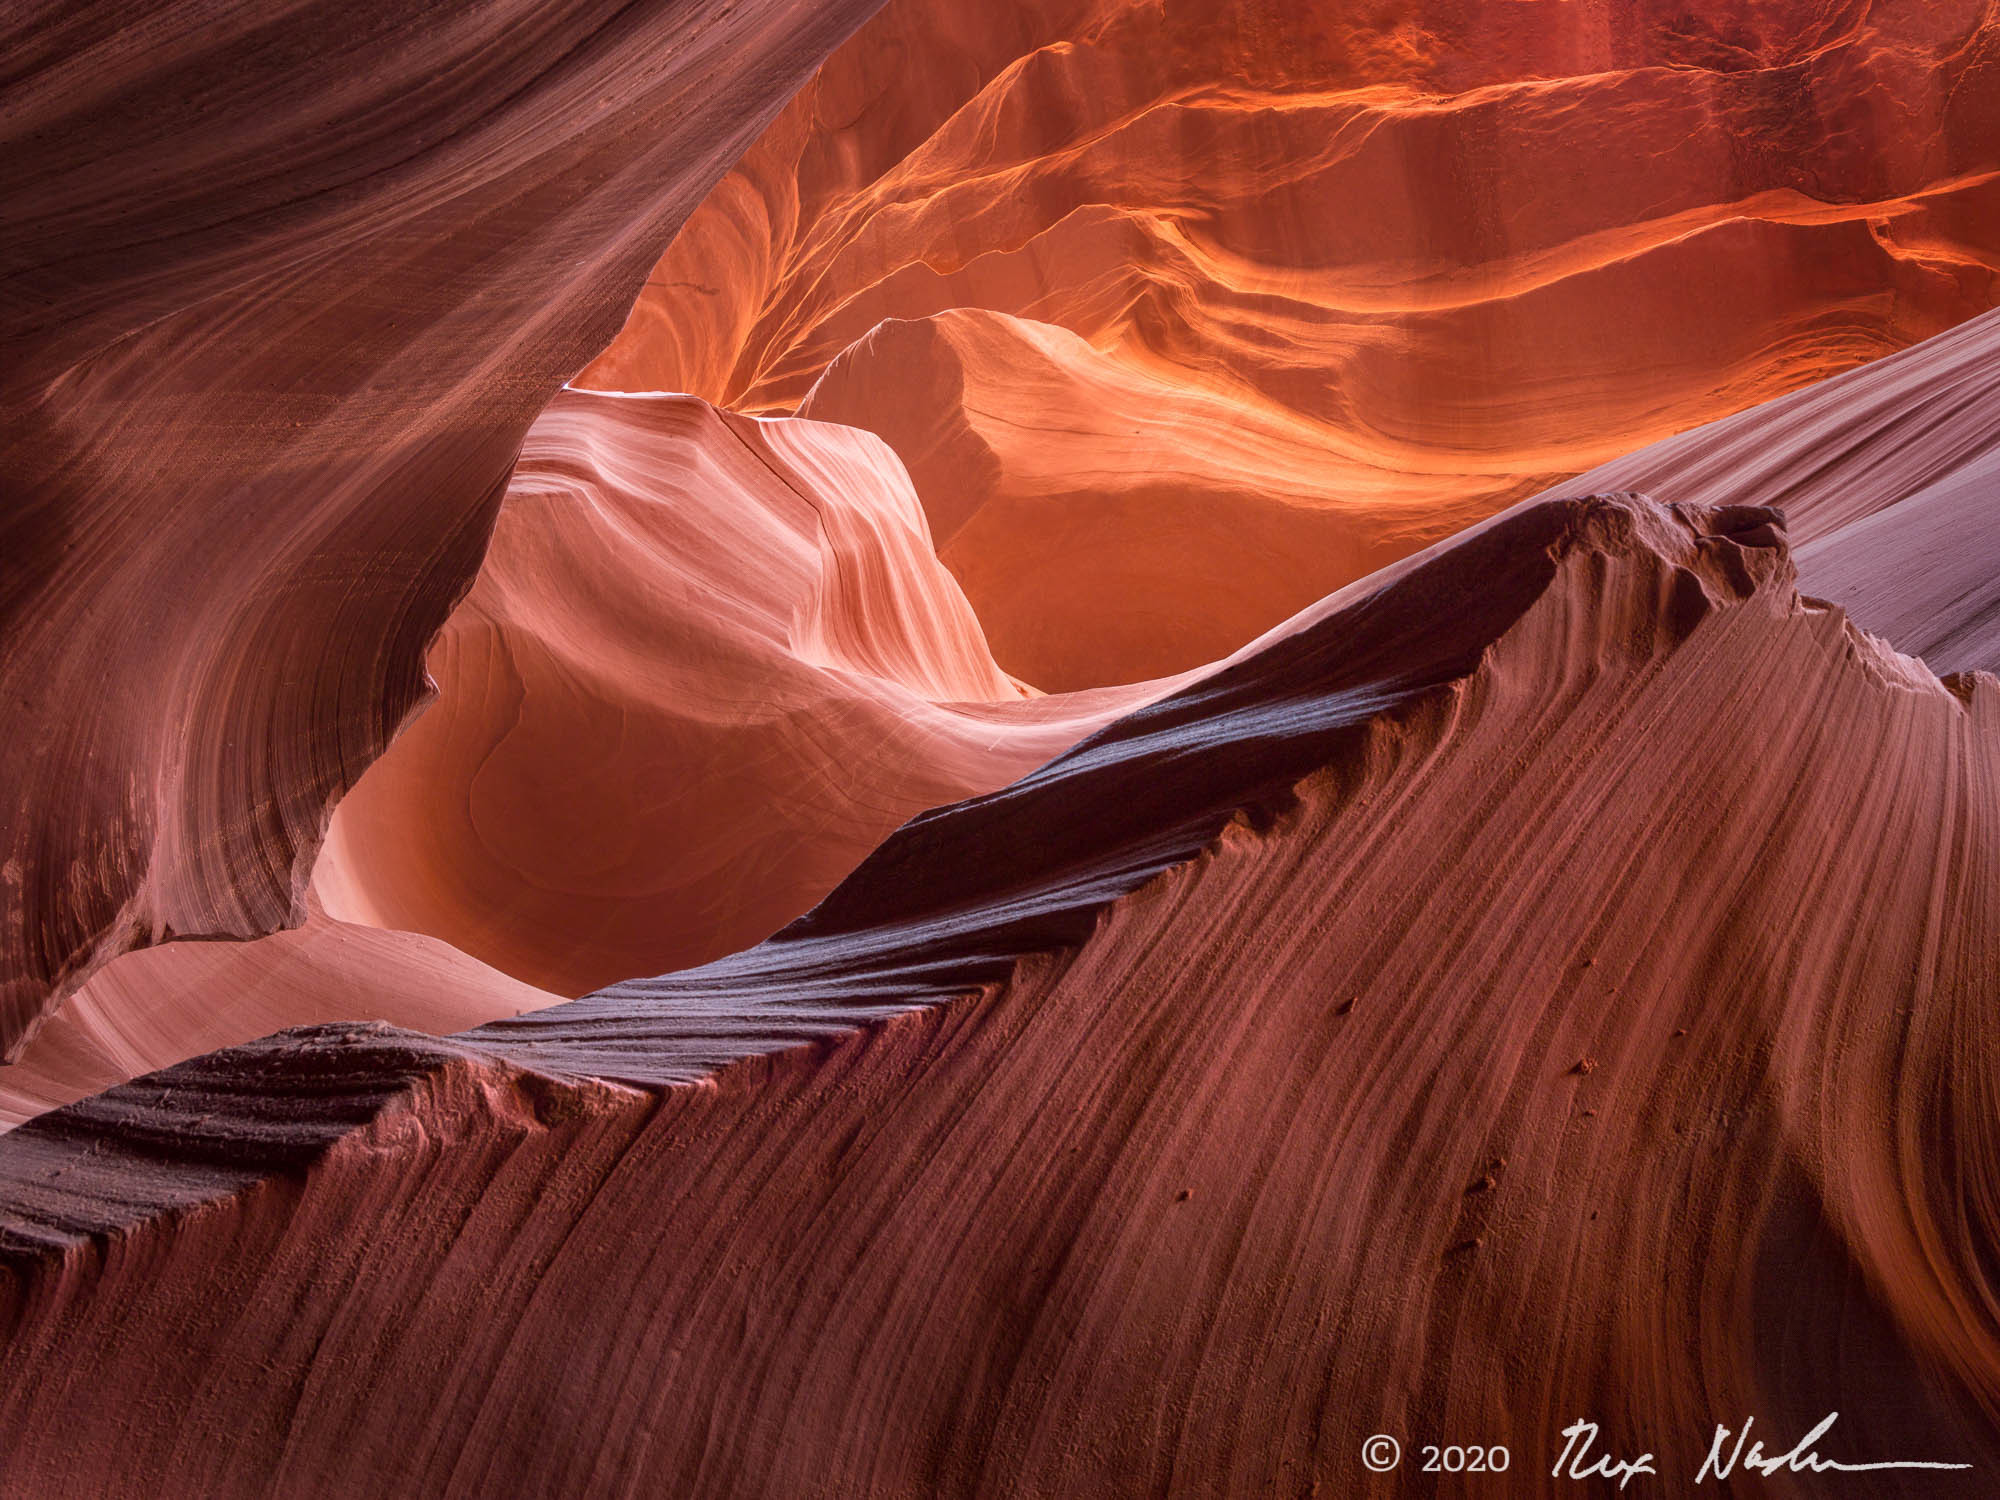 Vertigo II - Sandstone, Antelope Canyon